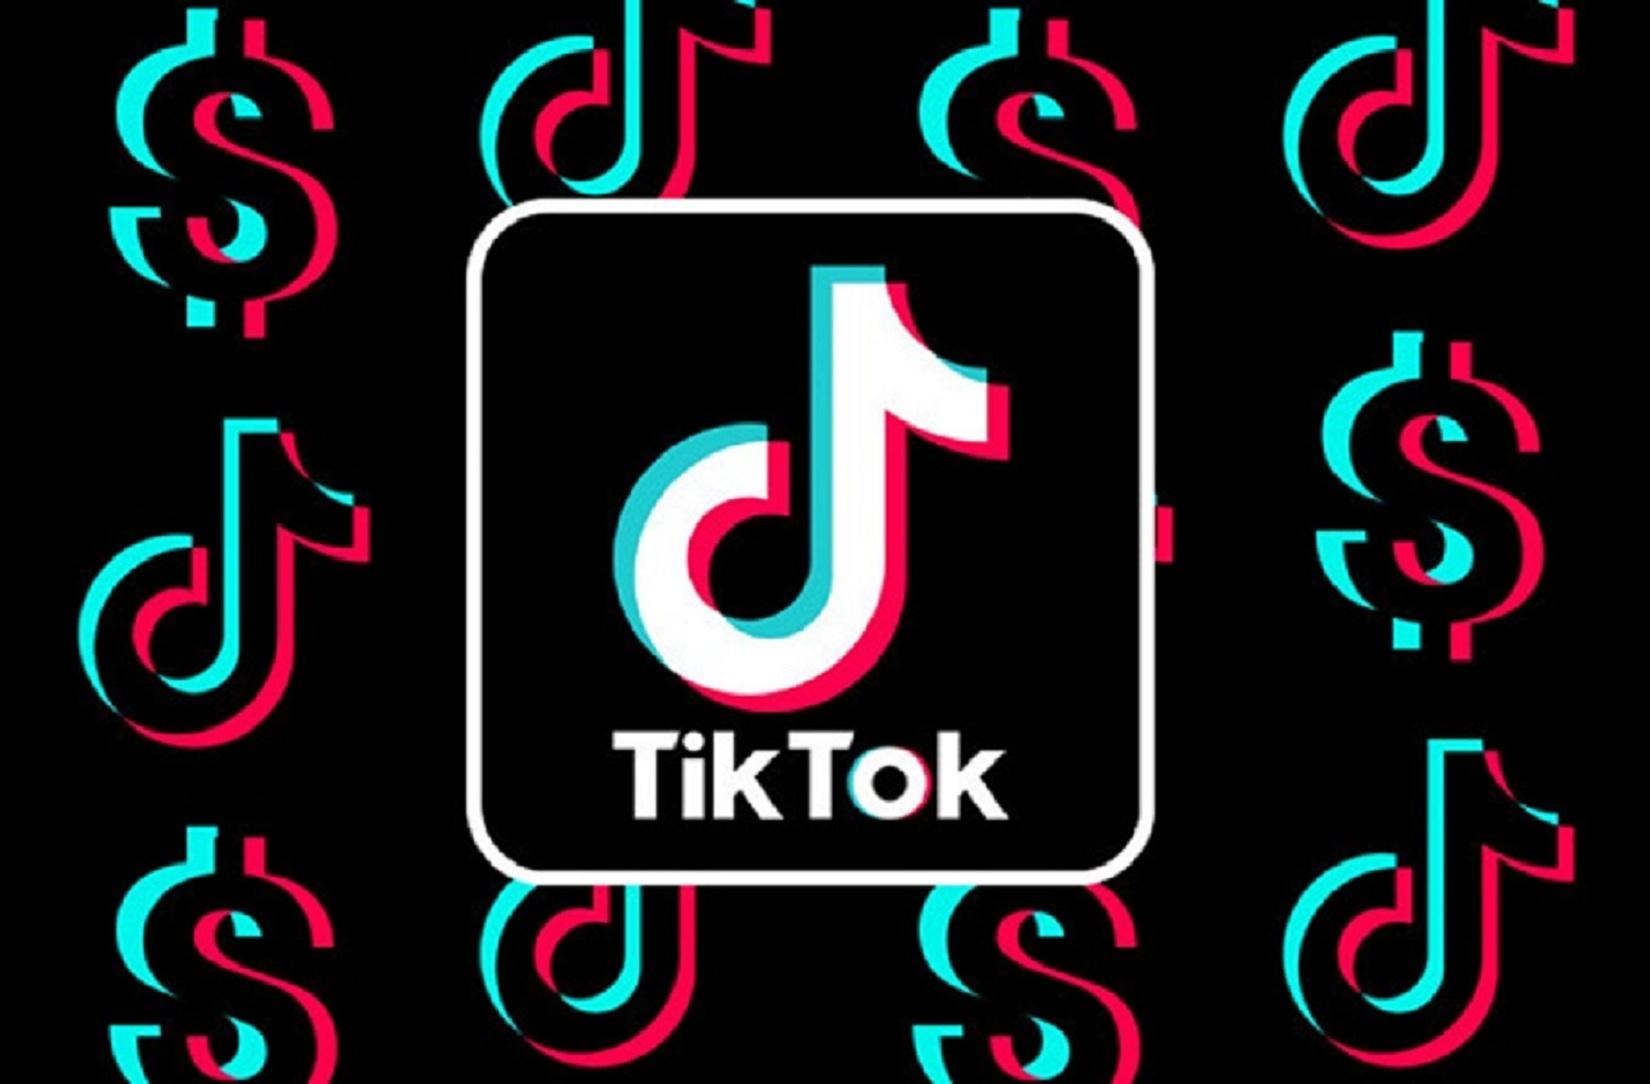 TikTok Ads - Xu hướng quảng cáo 2020